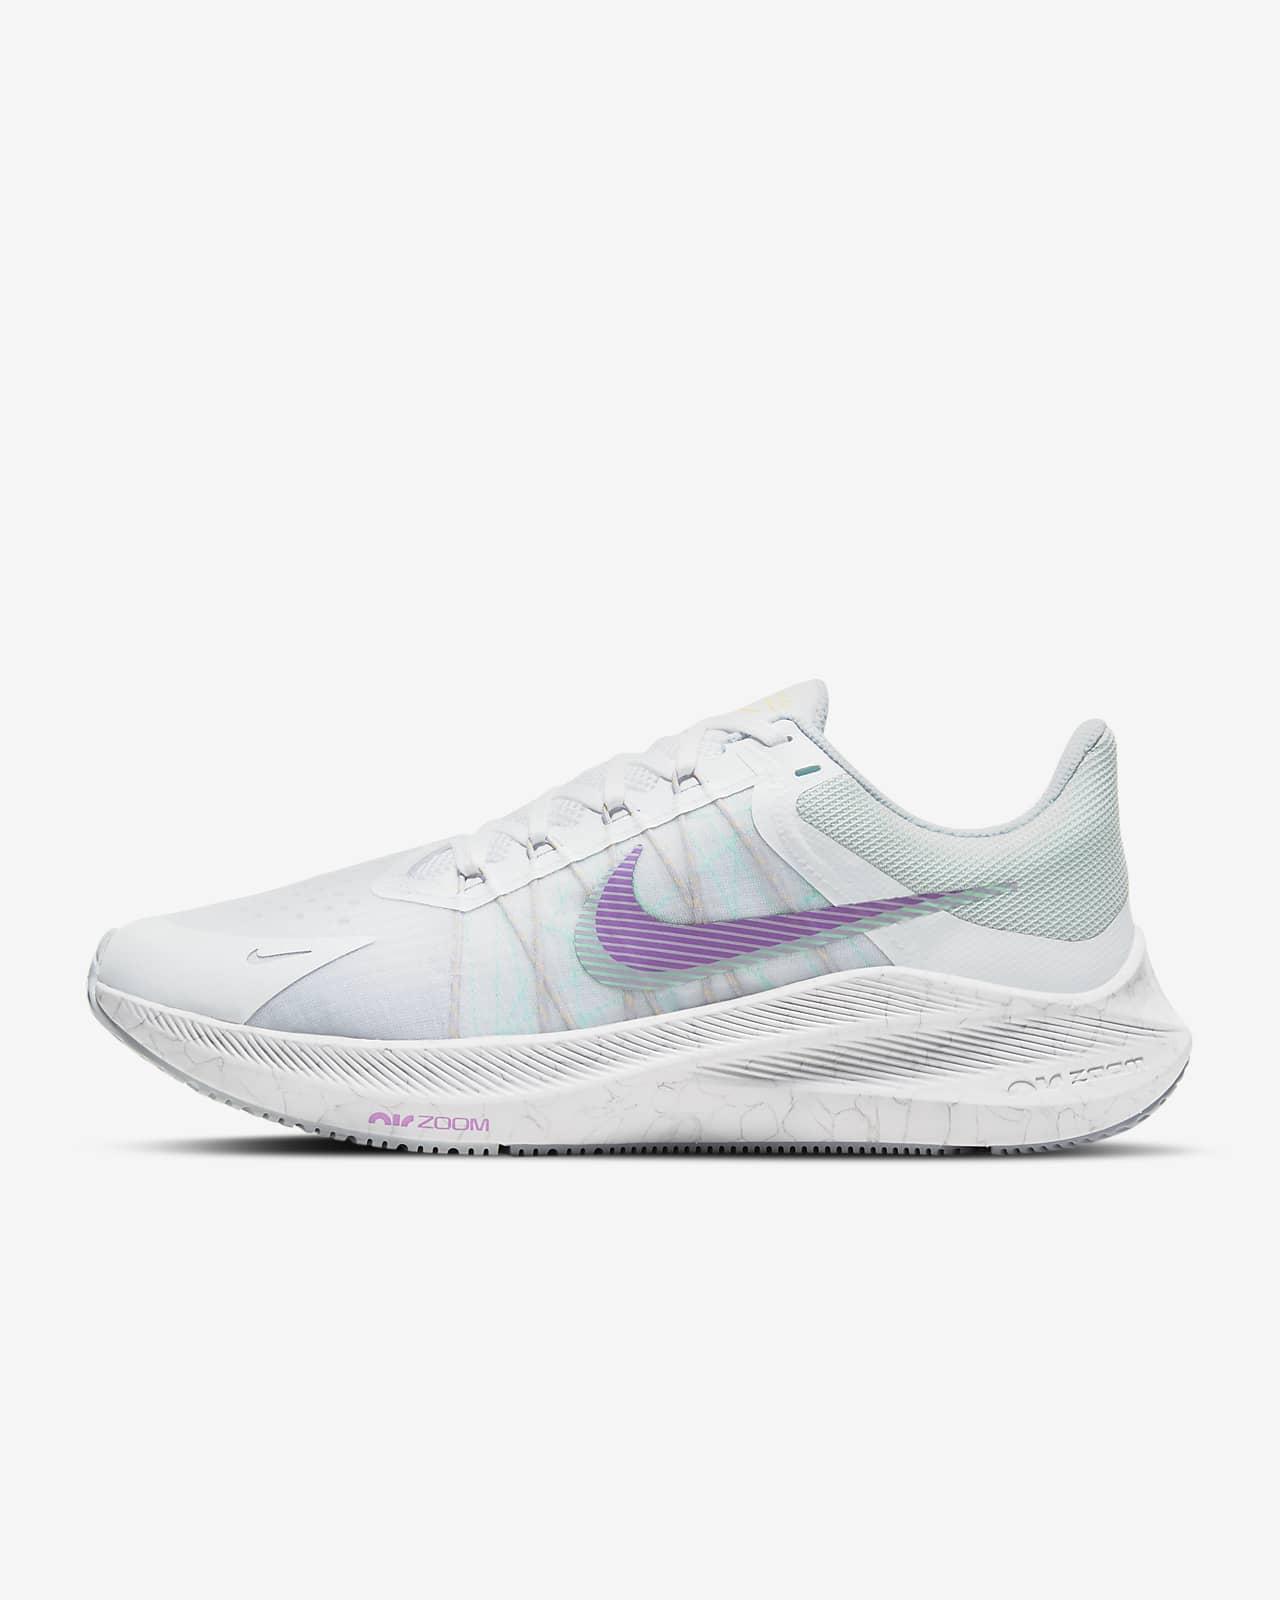 Nike Winflo 8 Women's Running Shoe